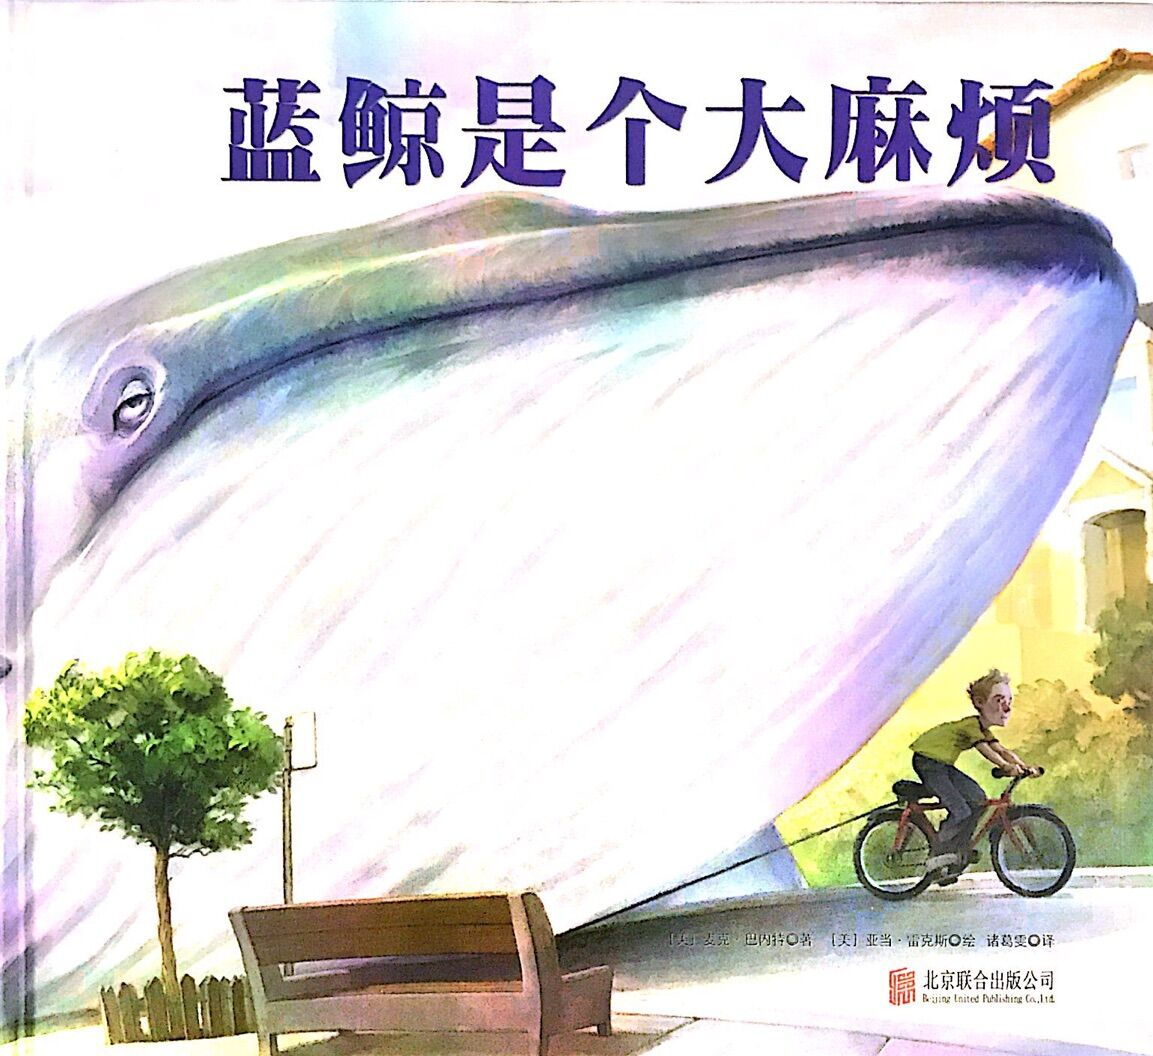 蓝鲸是个大麻烦